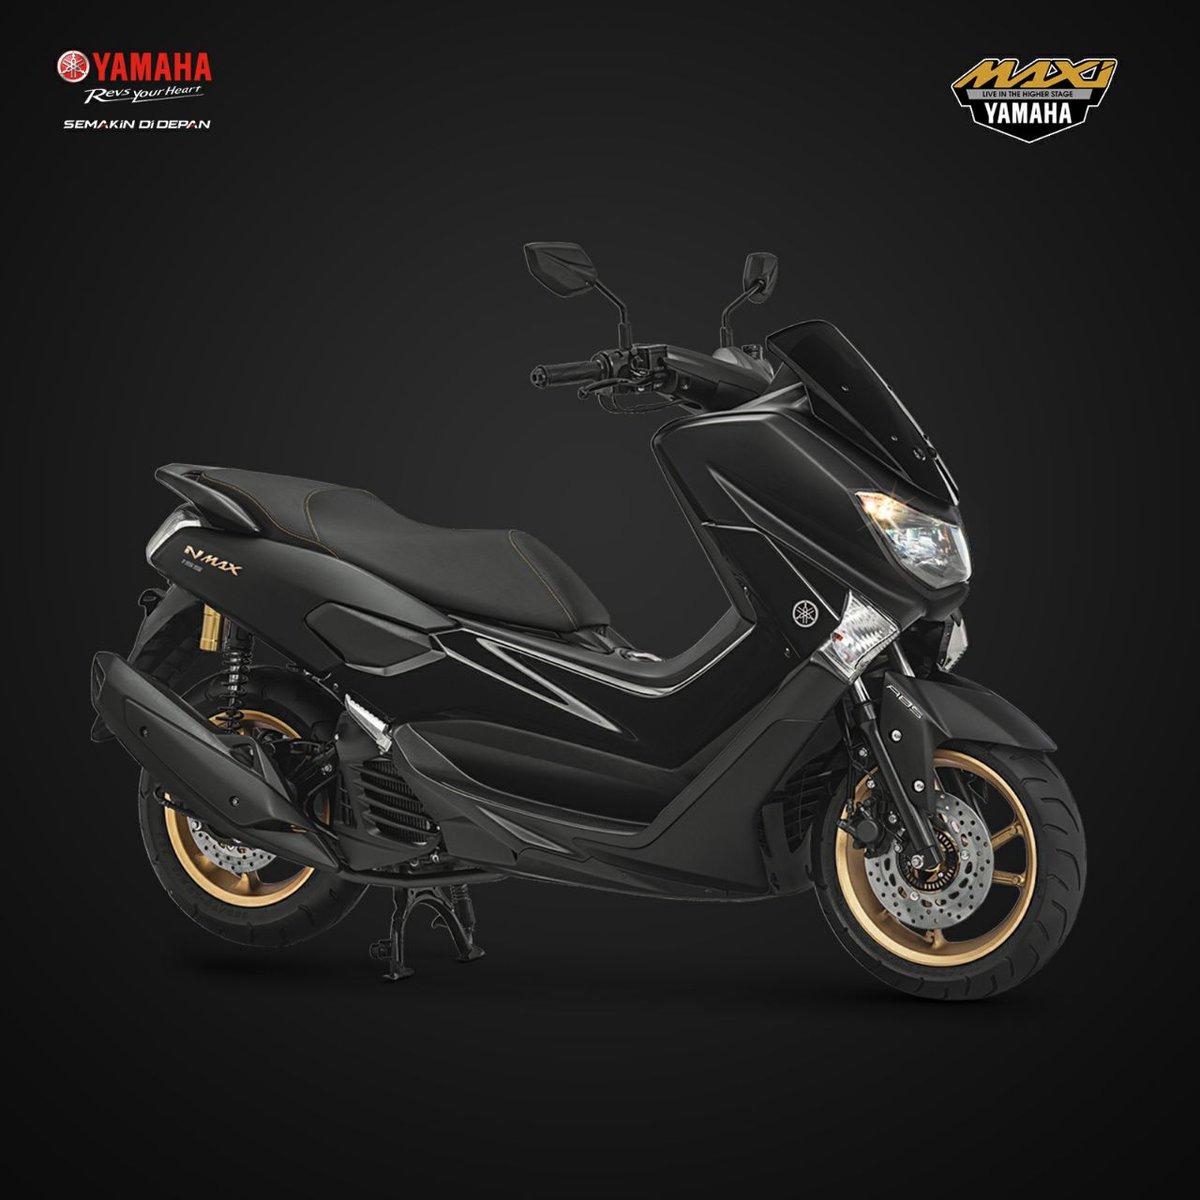 Harga Otr Yamaha Nmax 155 Model 2018 Area Madiun Kediri Rp